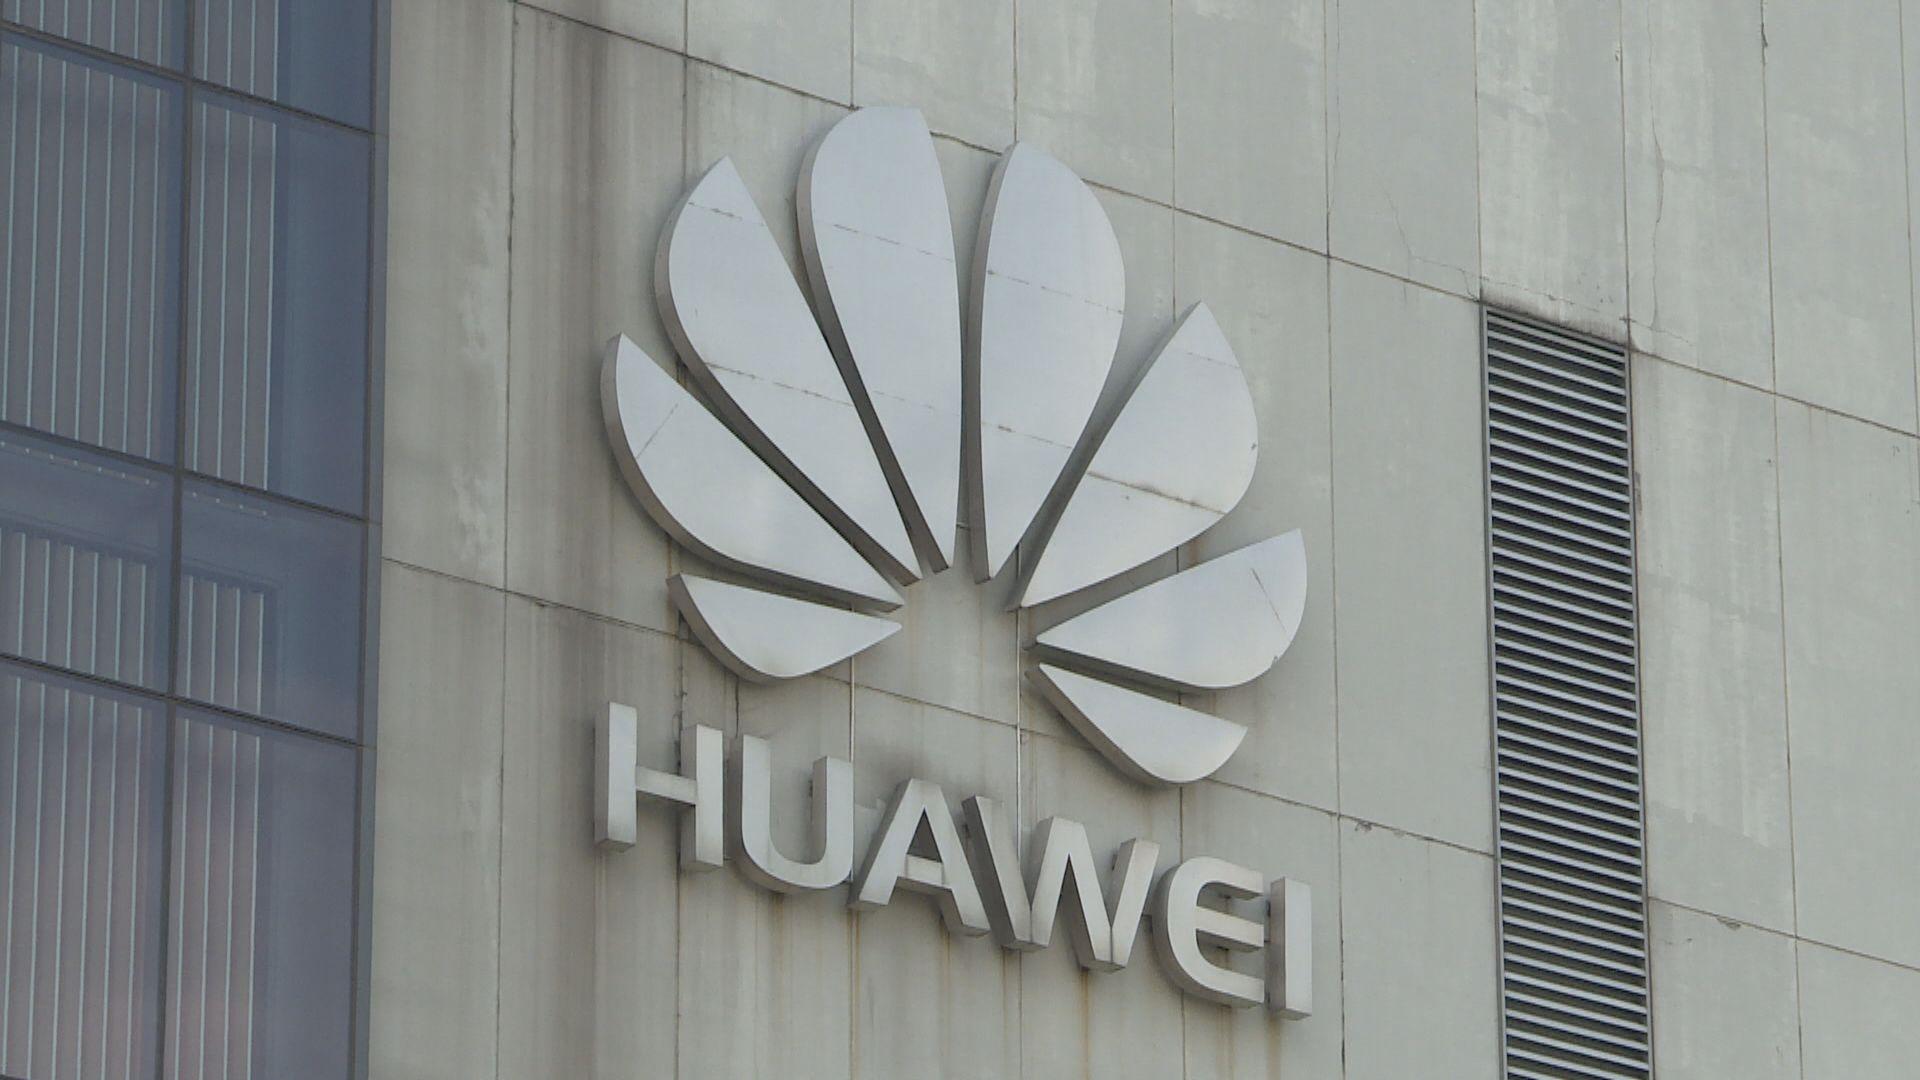 據報特朗普將禁止美國使用中國電訊設備